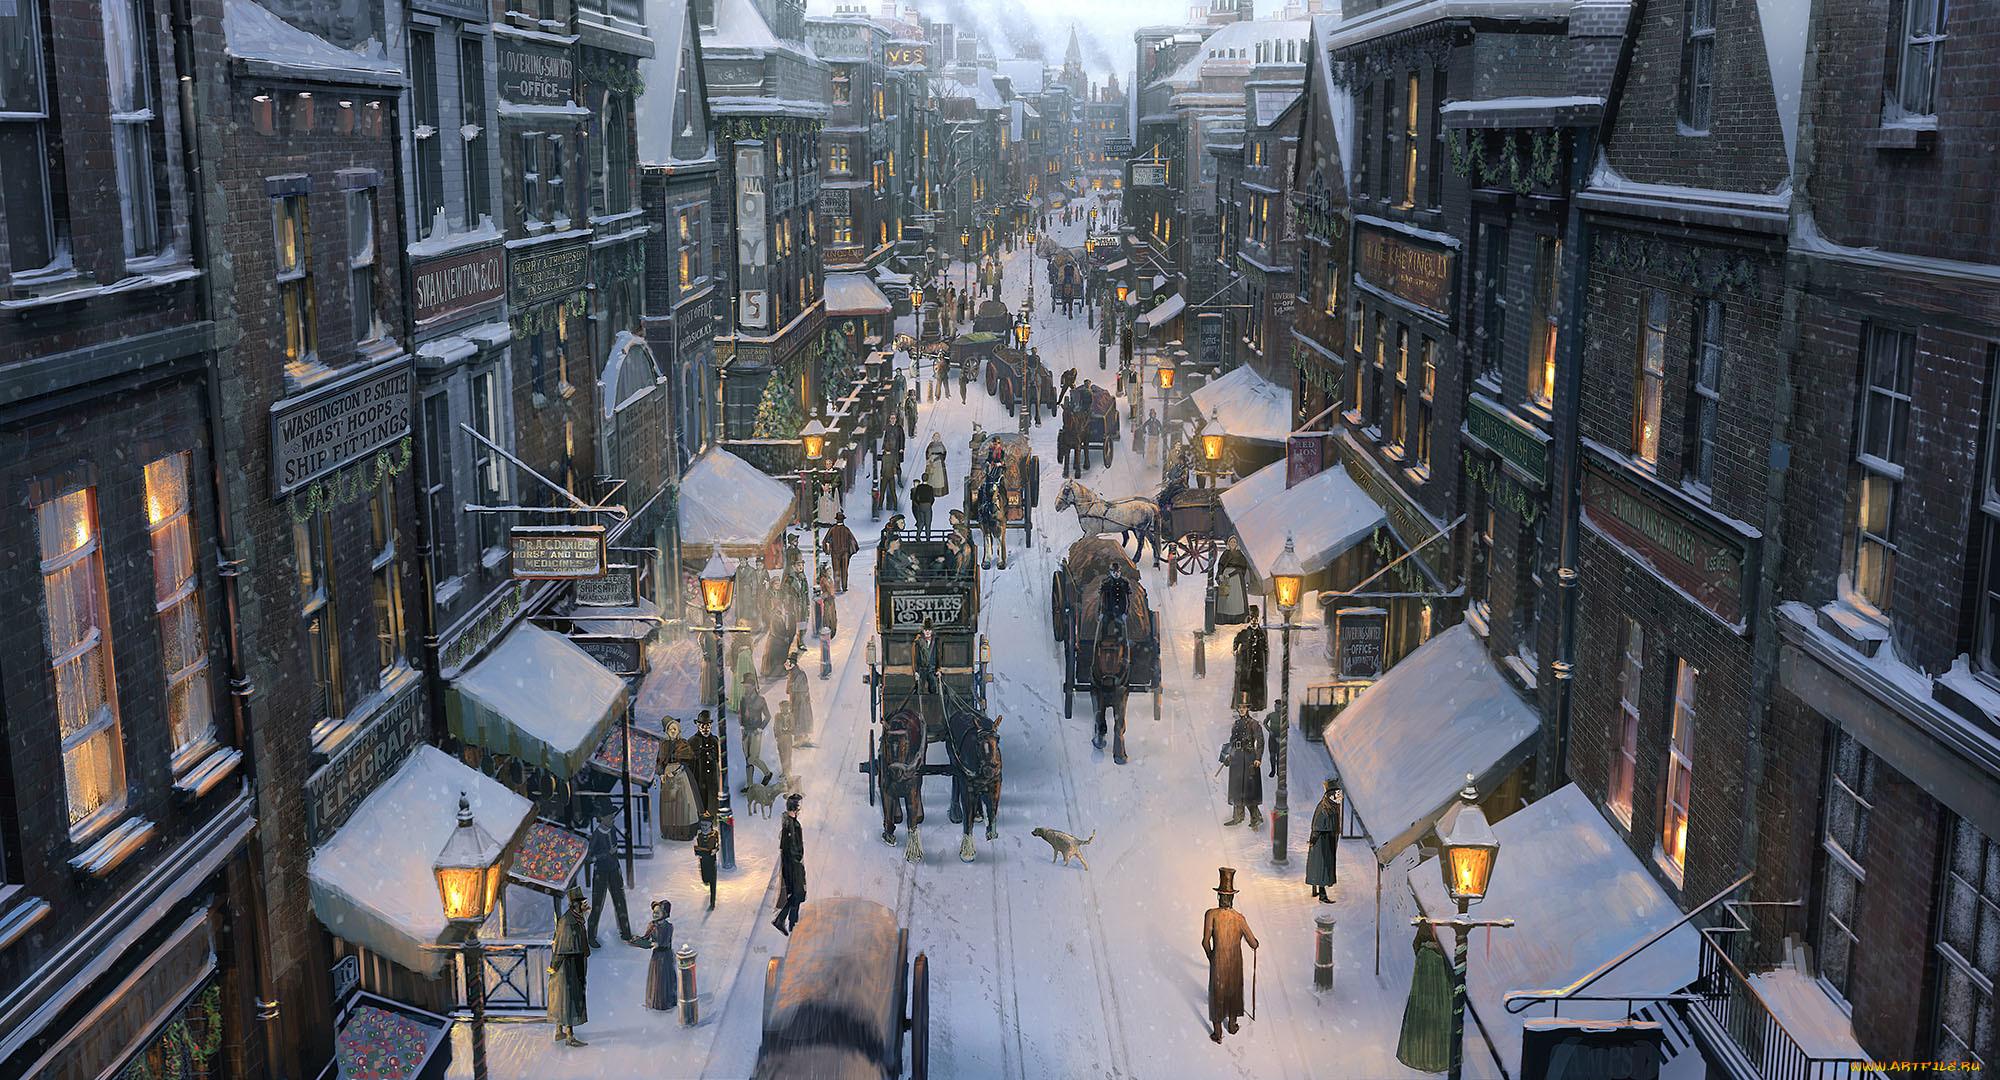 картинка зима город на рабочий стол камбербэтч только самые